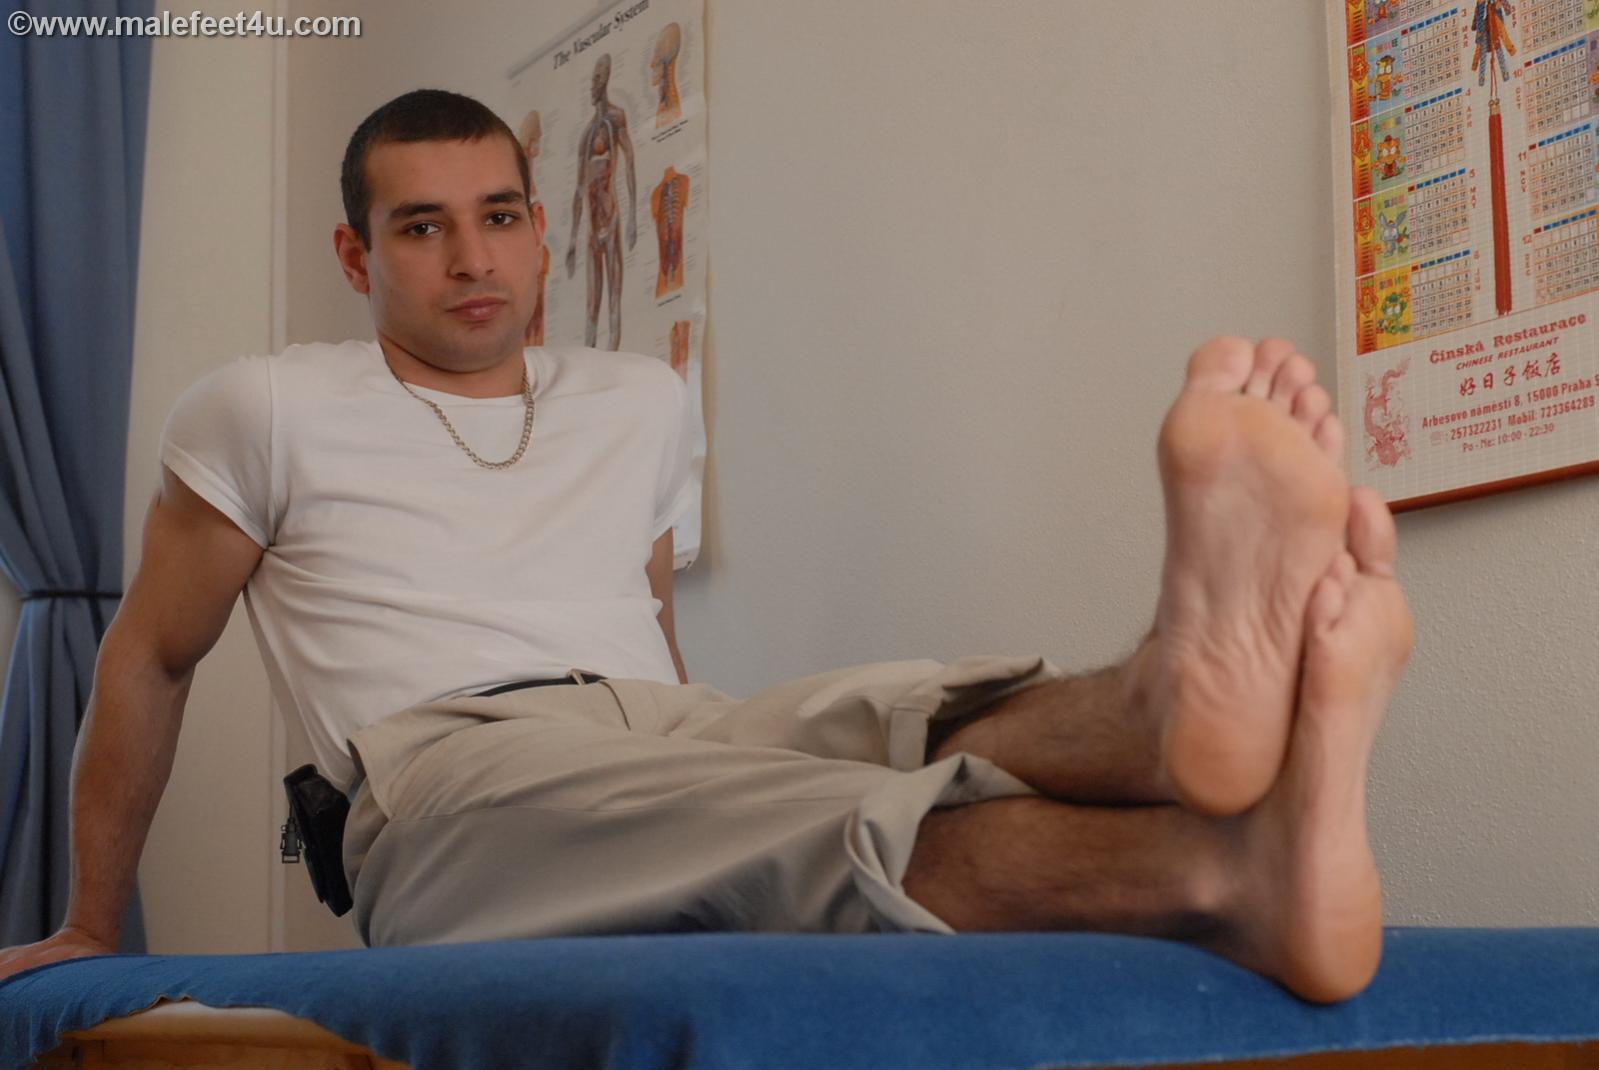 Czech Male Feet